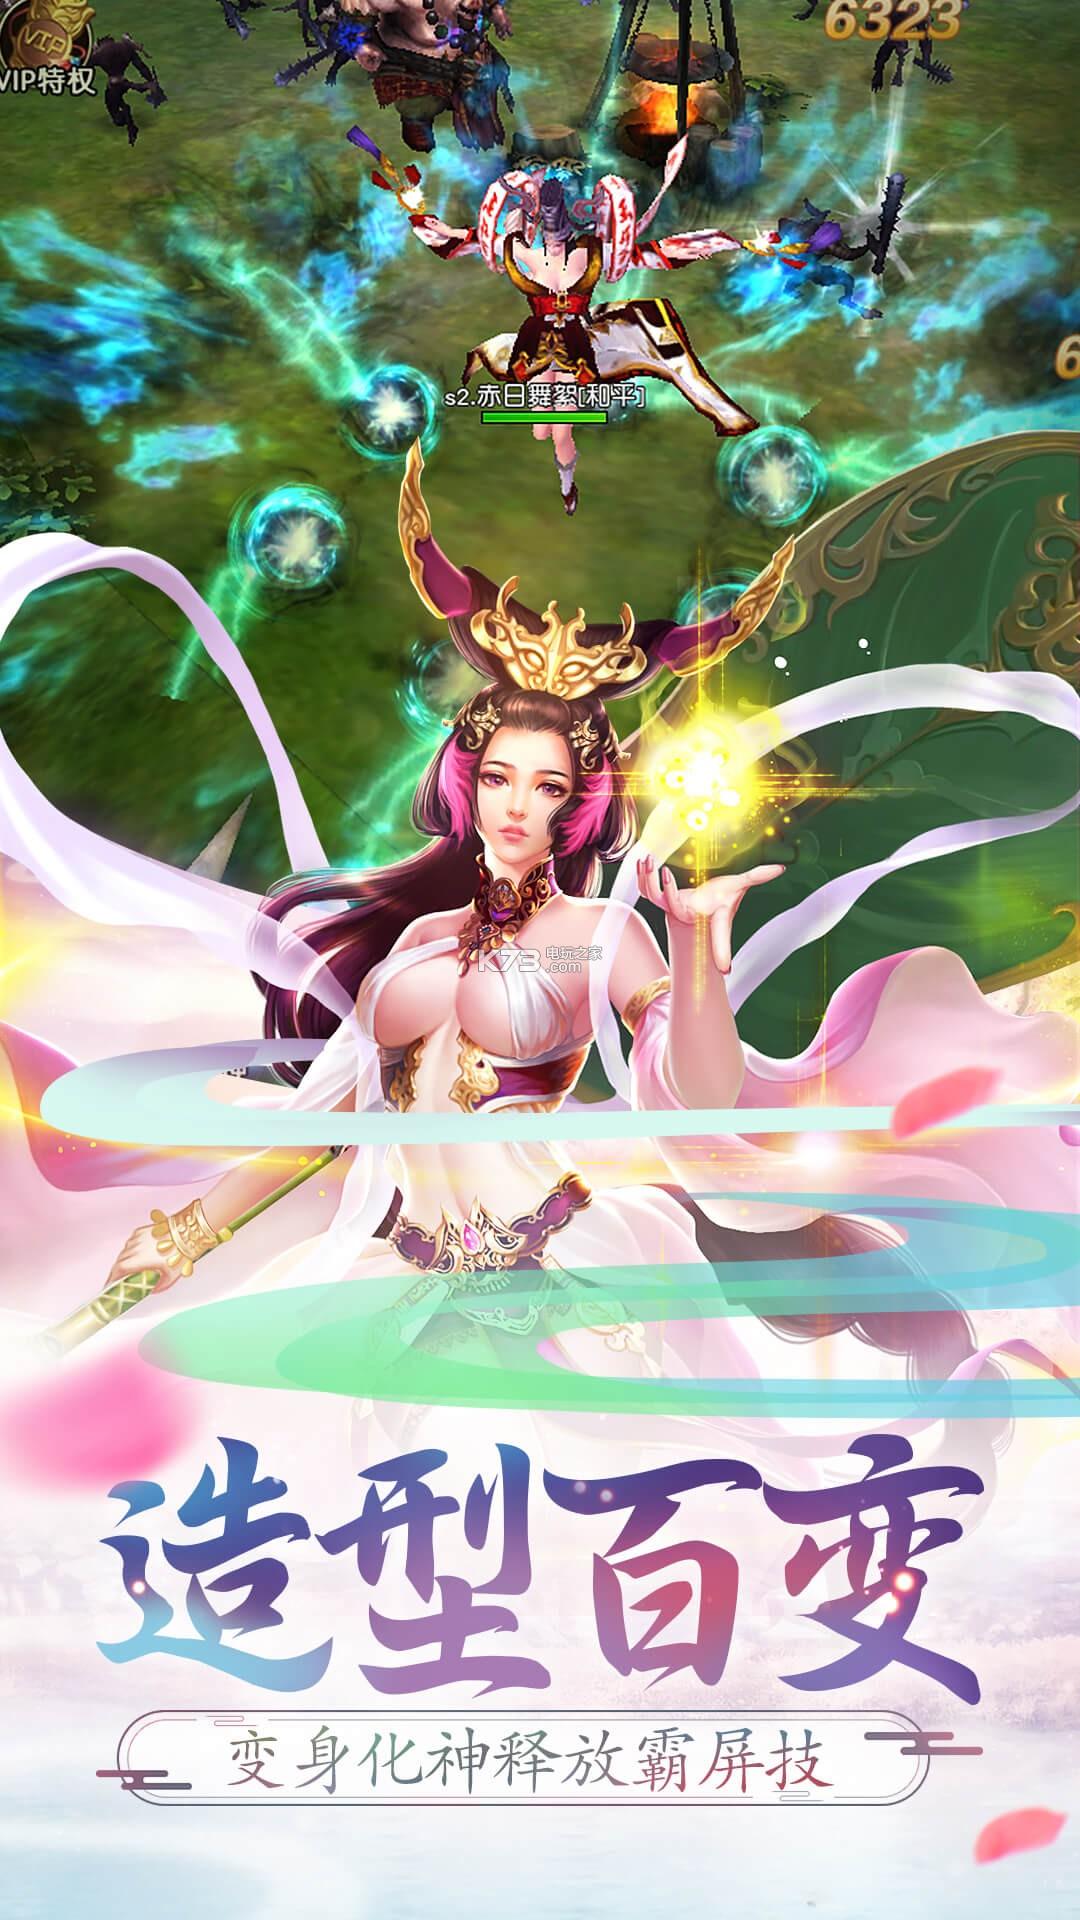 荣耀西游 v1.0.0 ios版下载 截图